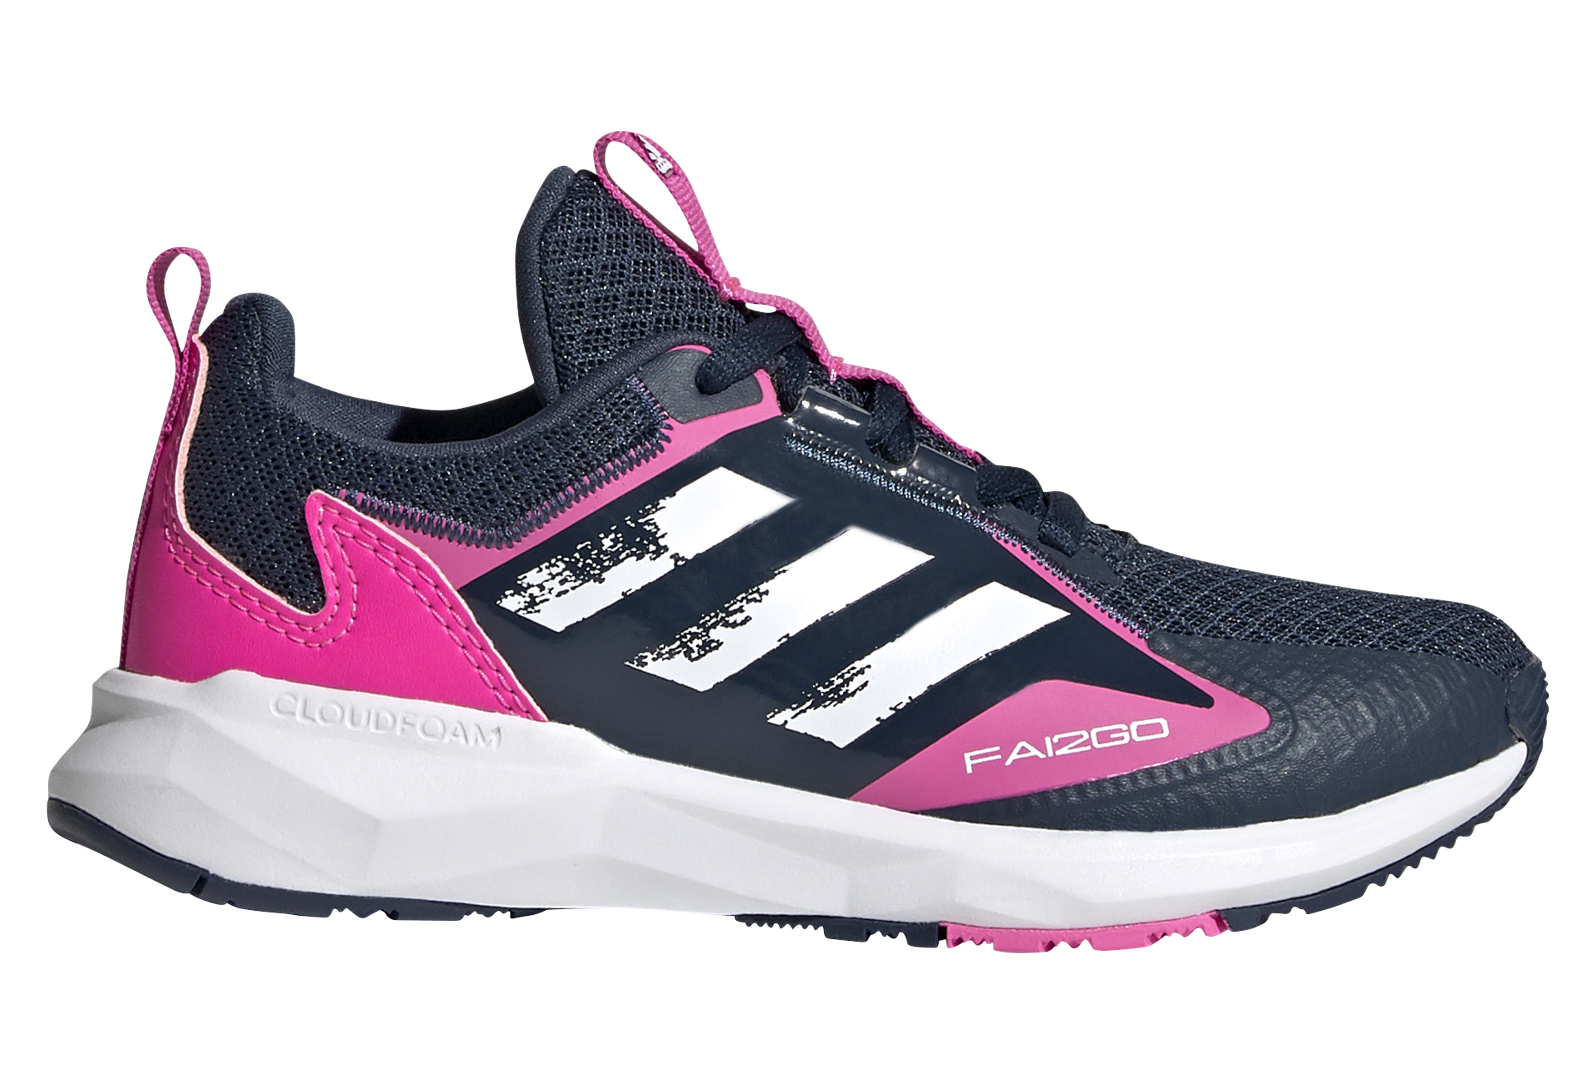 Chaussures enfant adidas Fai2Go K | Alltricks.com